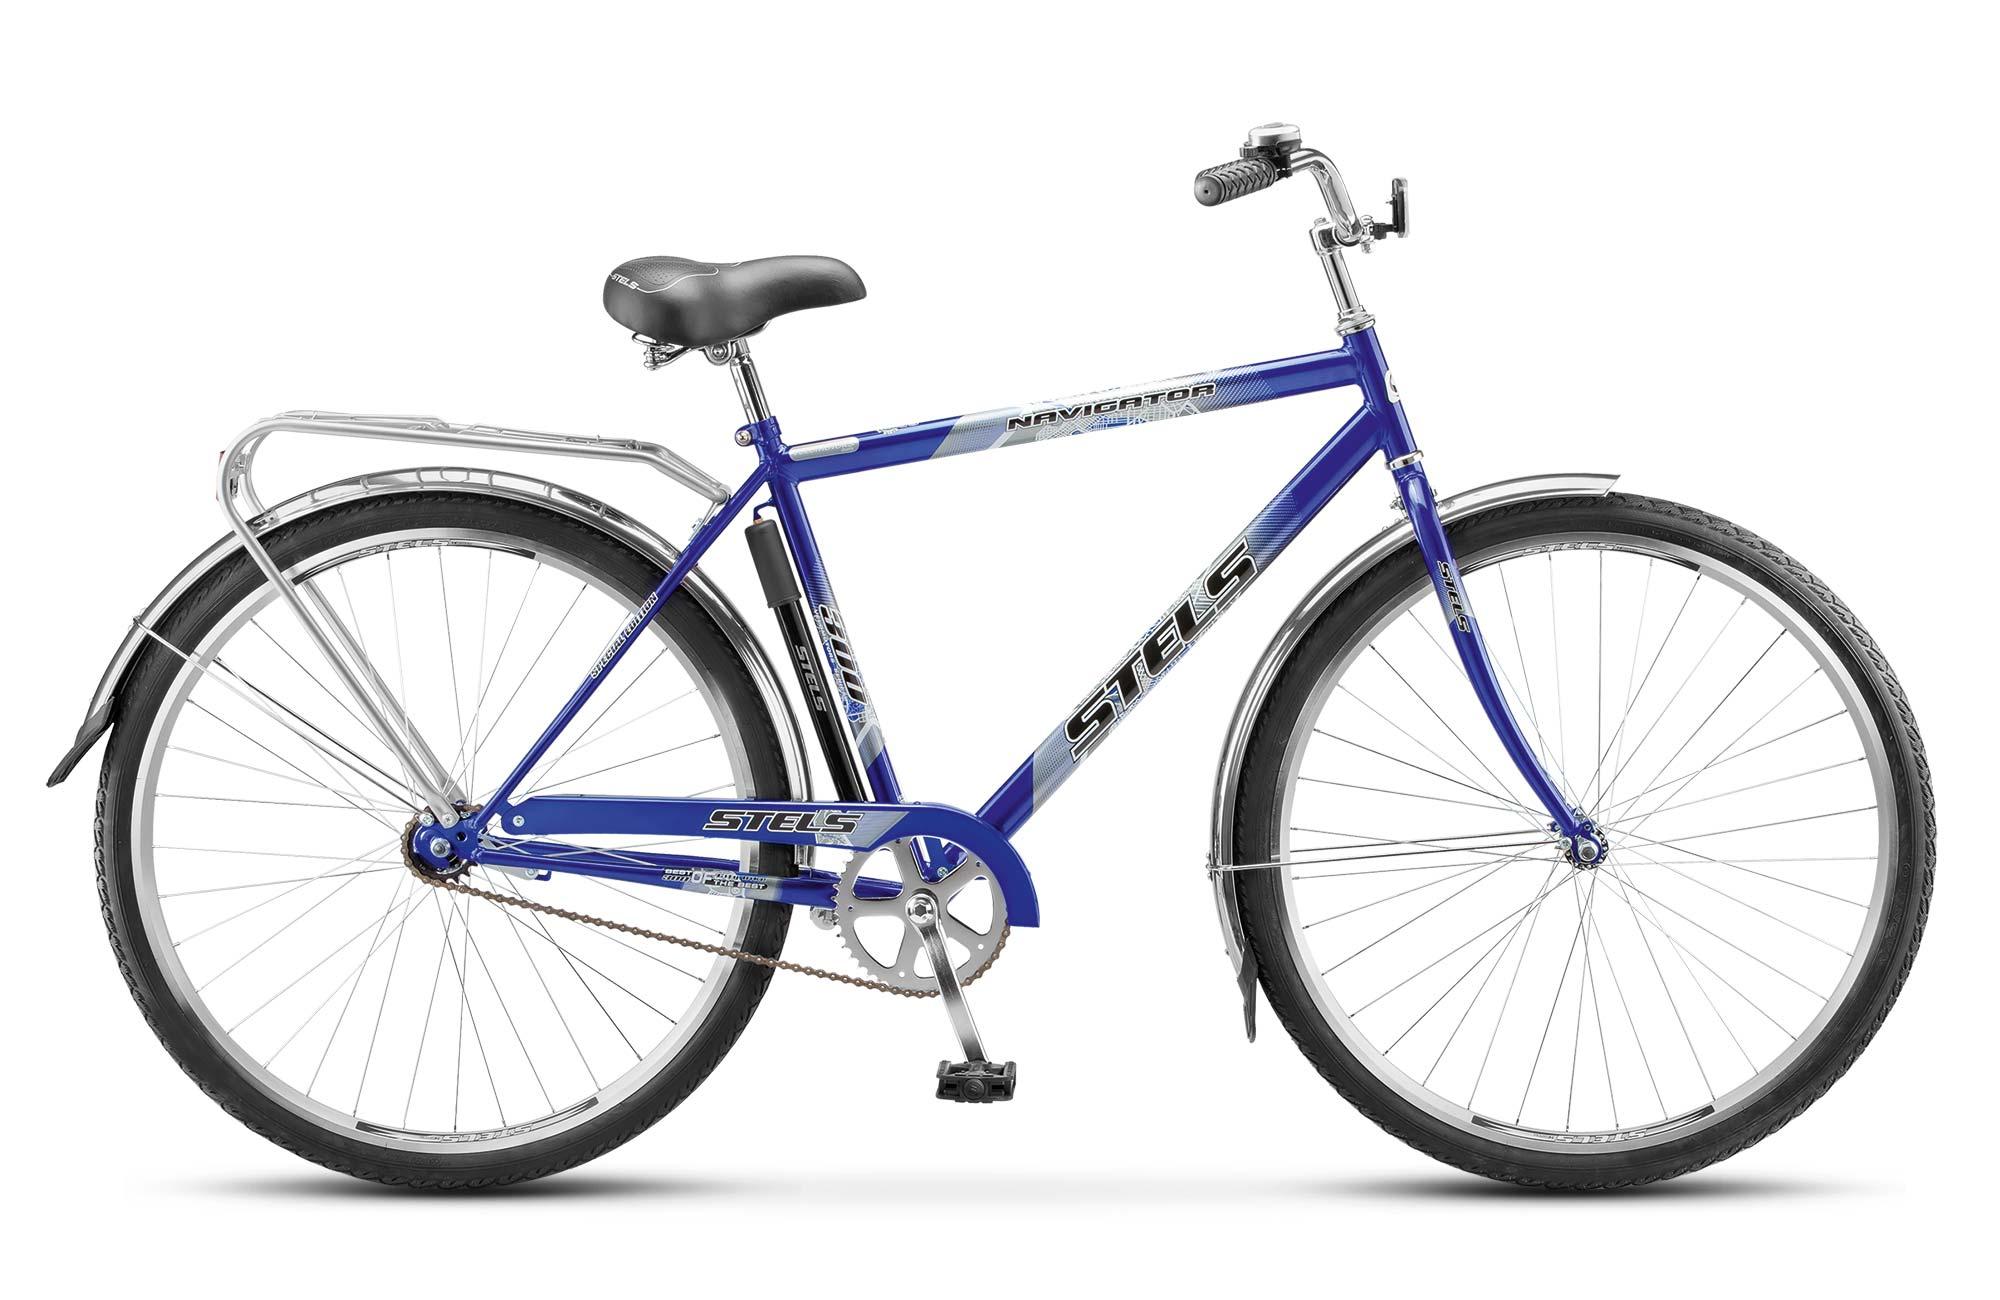 Велосипед Stels Navigator 300 Gent 28 (2016) синий 20КОМФОРТНАЯ ПОСАДКА<br><br><br>бренд: STELS<br>год: 2016<br>рама: Сталь (Hi-Ten)<br>вилка: Жесткая (сталь)<br>блокировка амортизатора: Нет<br>диаметр колес: 28<br>тормоза: Ножной ( Coaster brake)<br>уровень оборудования: Начальный<br>количество скоростей: 1<br>Цвет: синий<br>Размер: 20